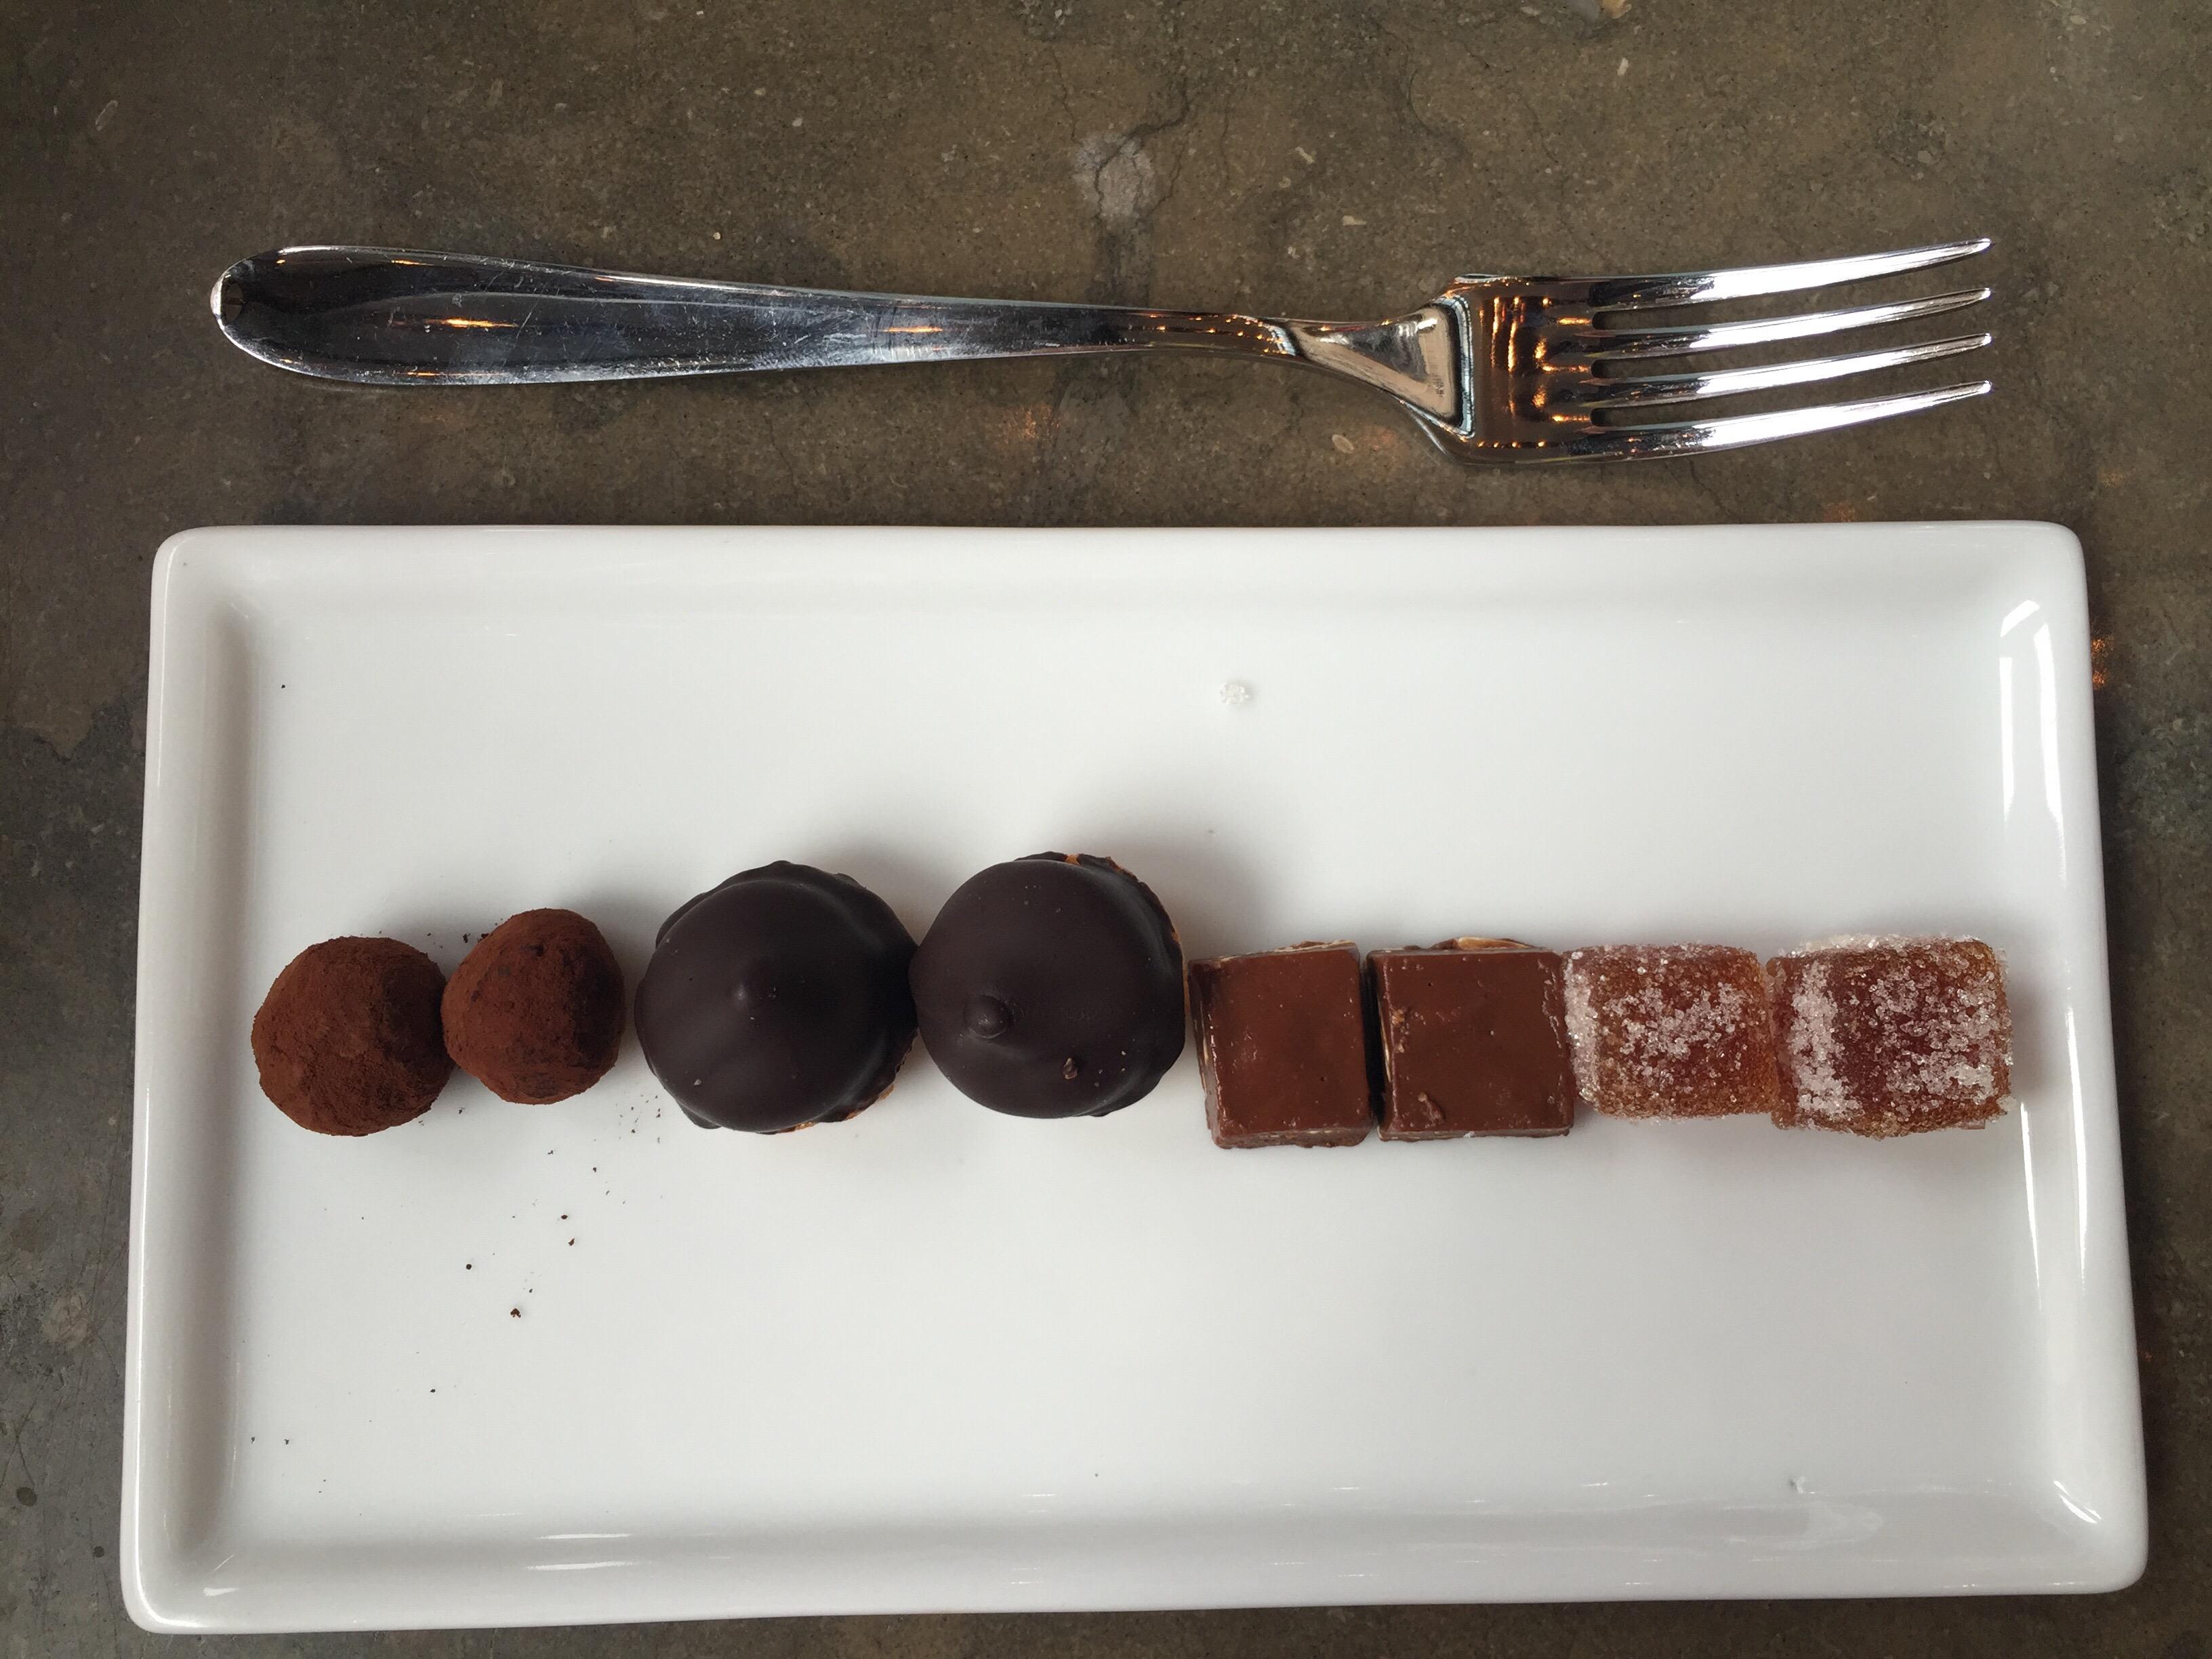 Idag på Riche hittade jag Mignardise på menyn och jag hade inte en aning om vad det var. Det visade sig vara en samling av totalt åtta sötsaker och bakverk i miniformat. Eftersom jag är glutenintolerant...